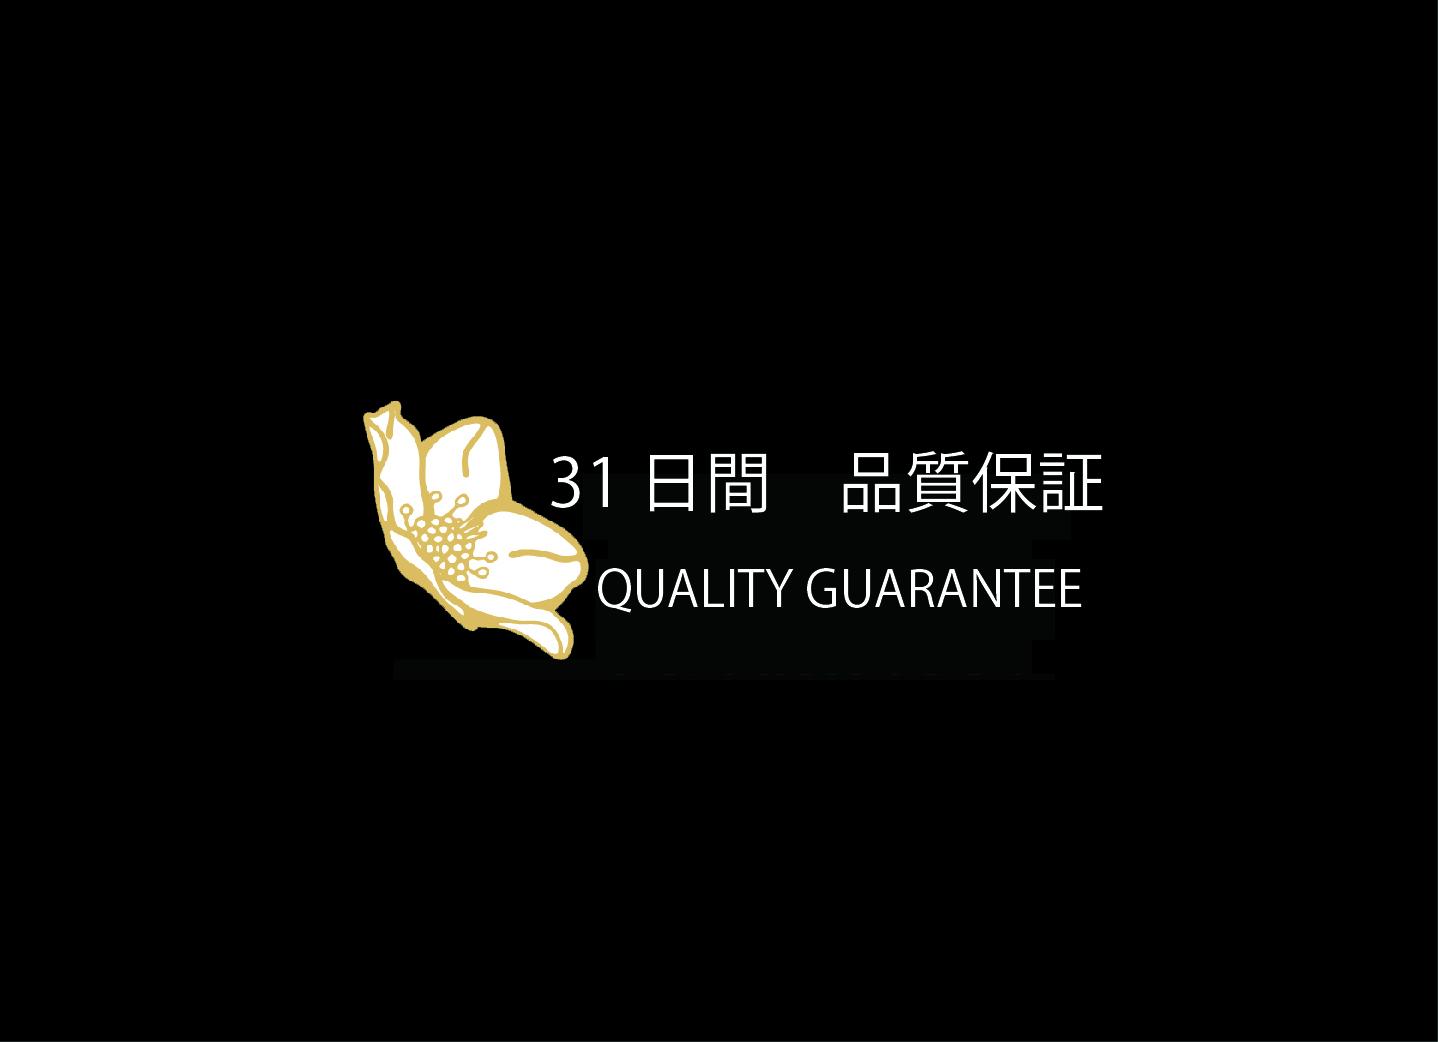 31日間 品質保証.jpg